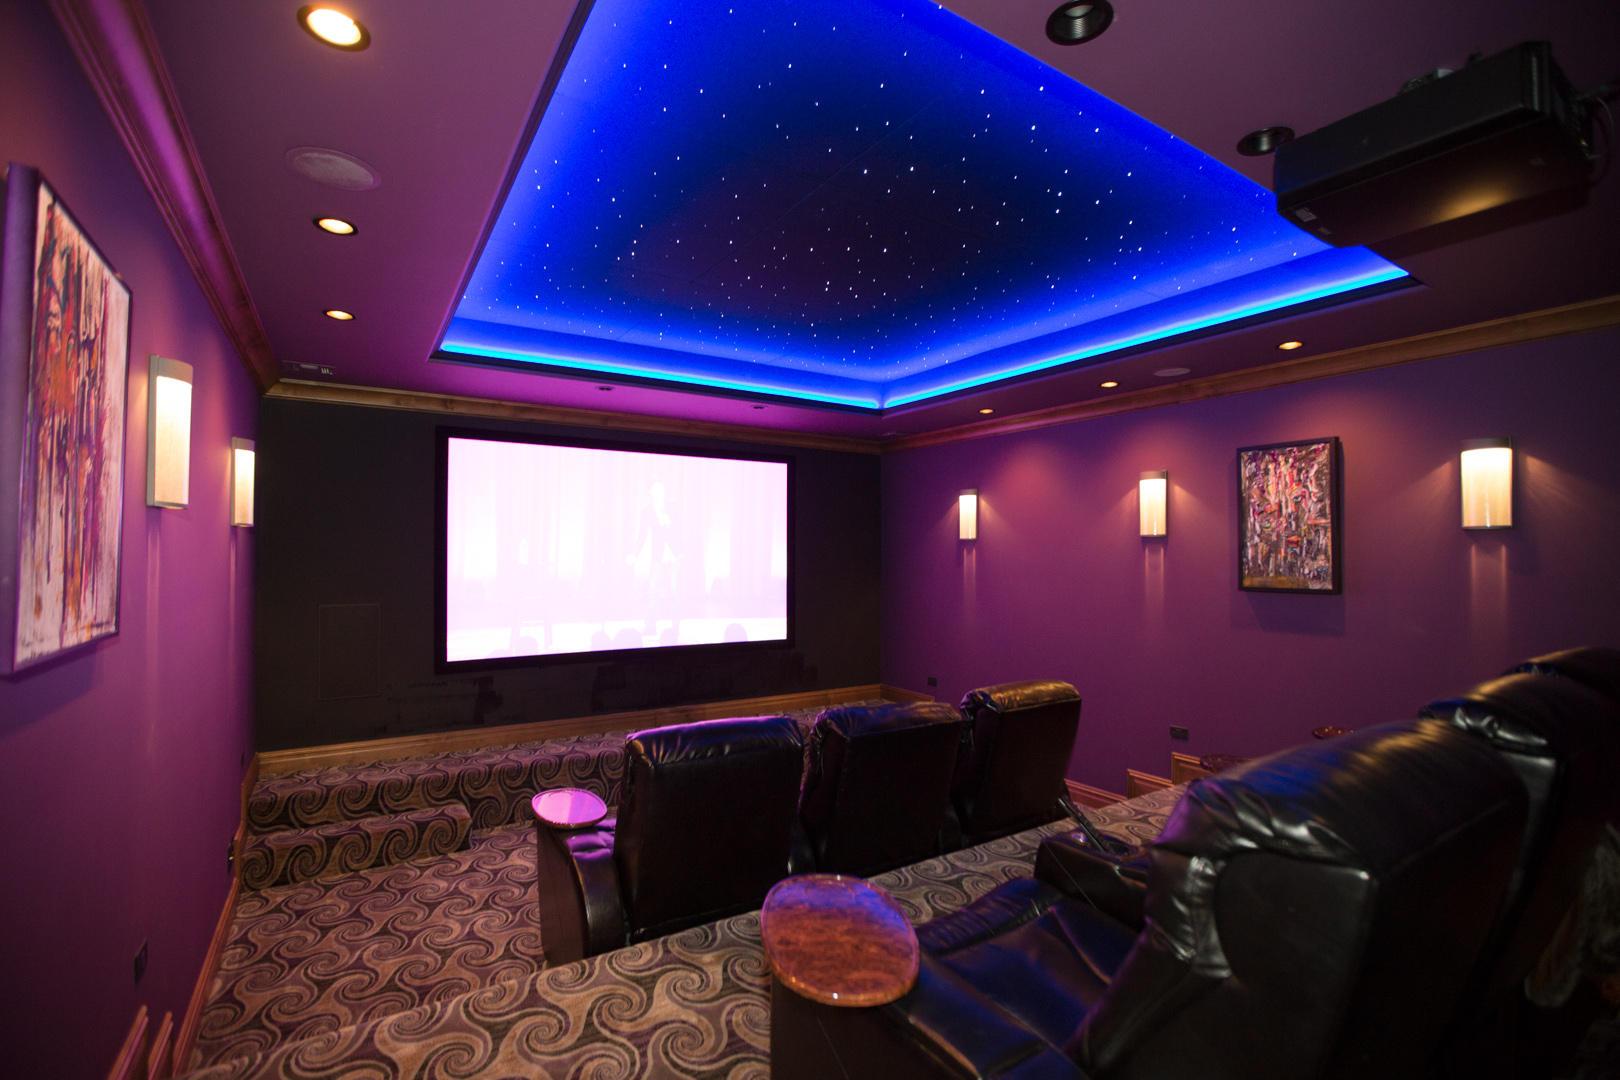 Media Room W 7.1 Surround Sound